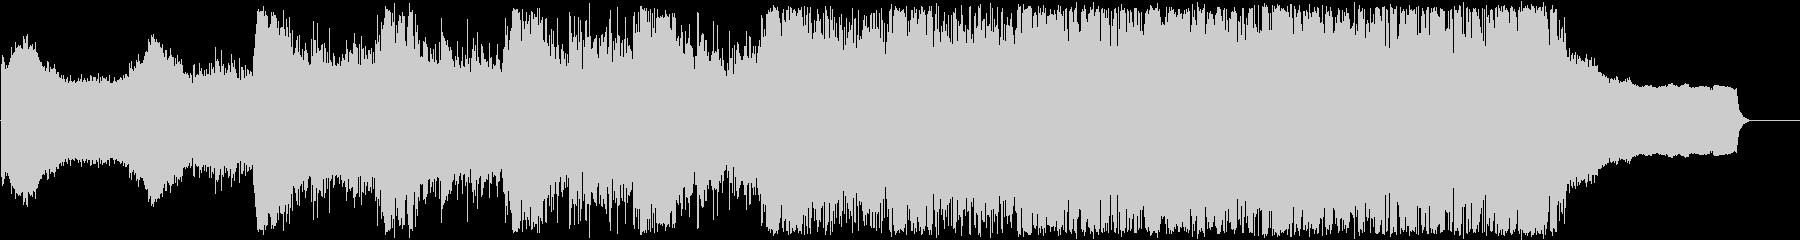 トレーラー、シネマティックの未再生の波形